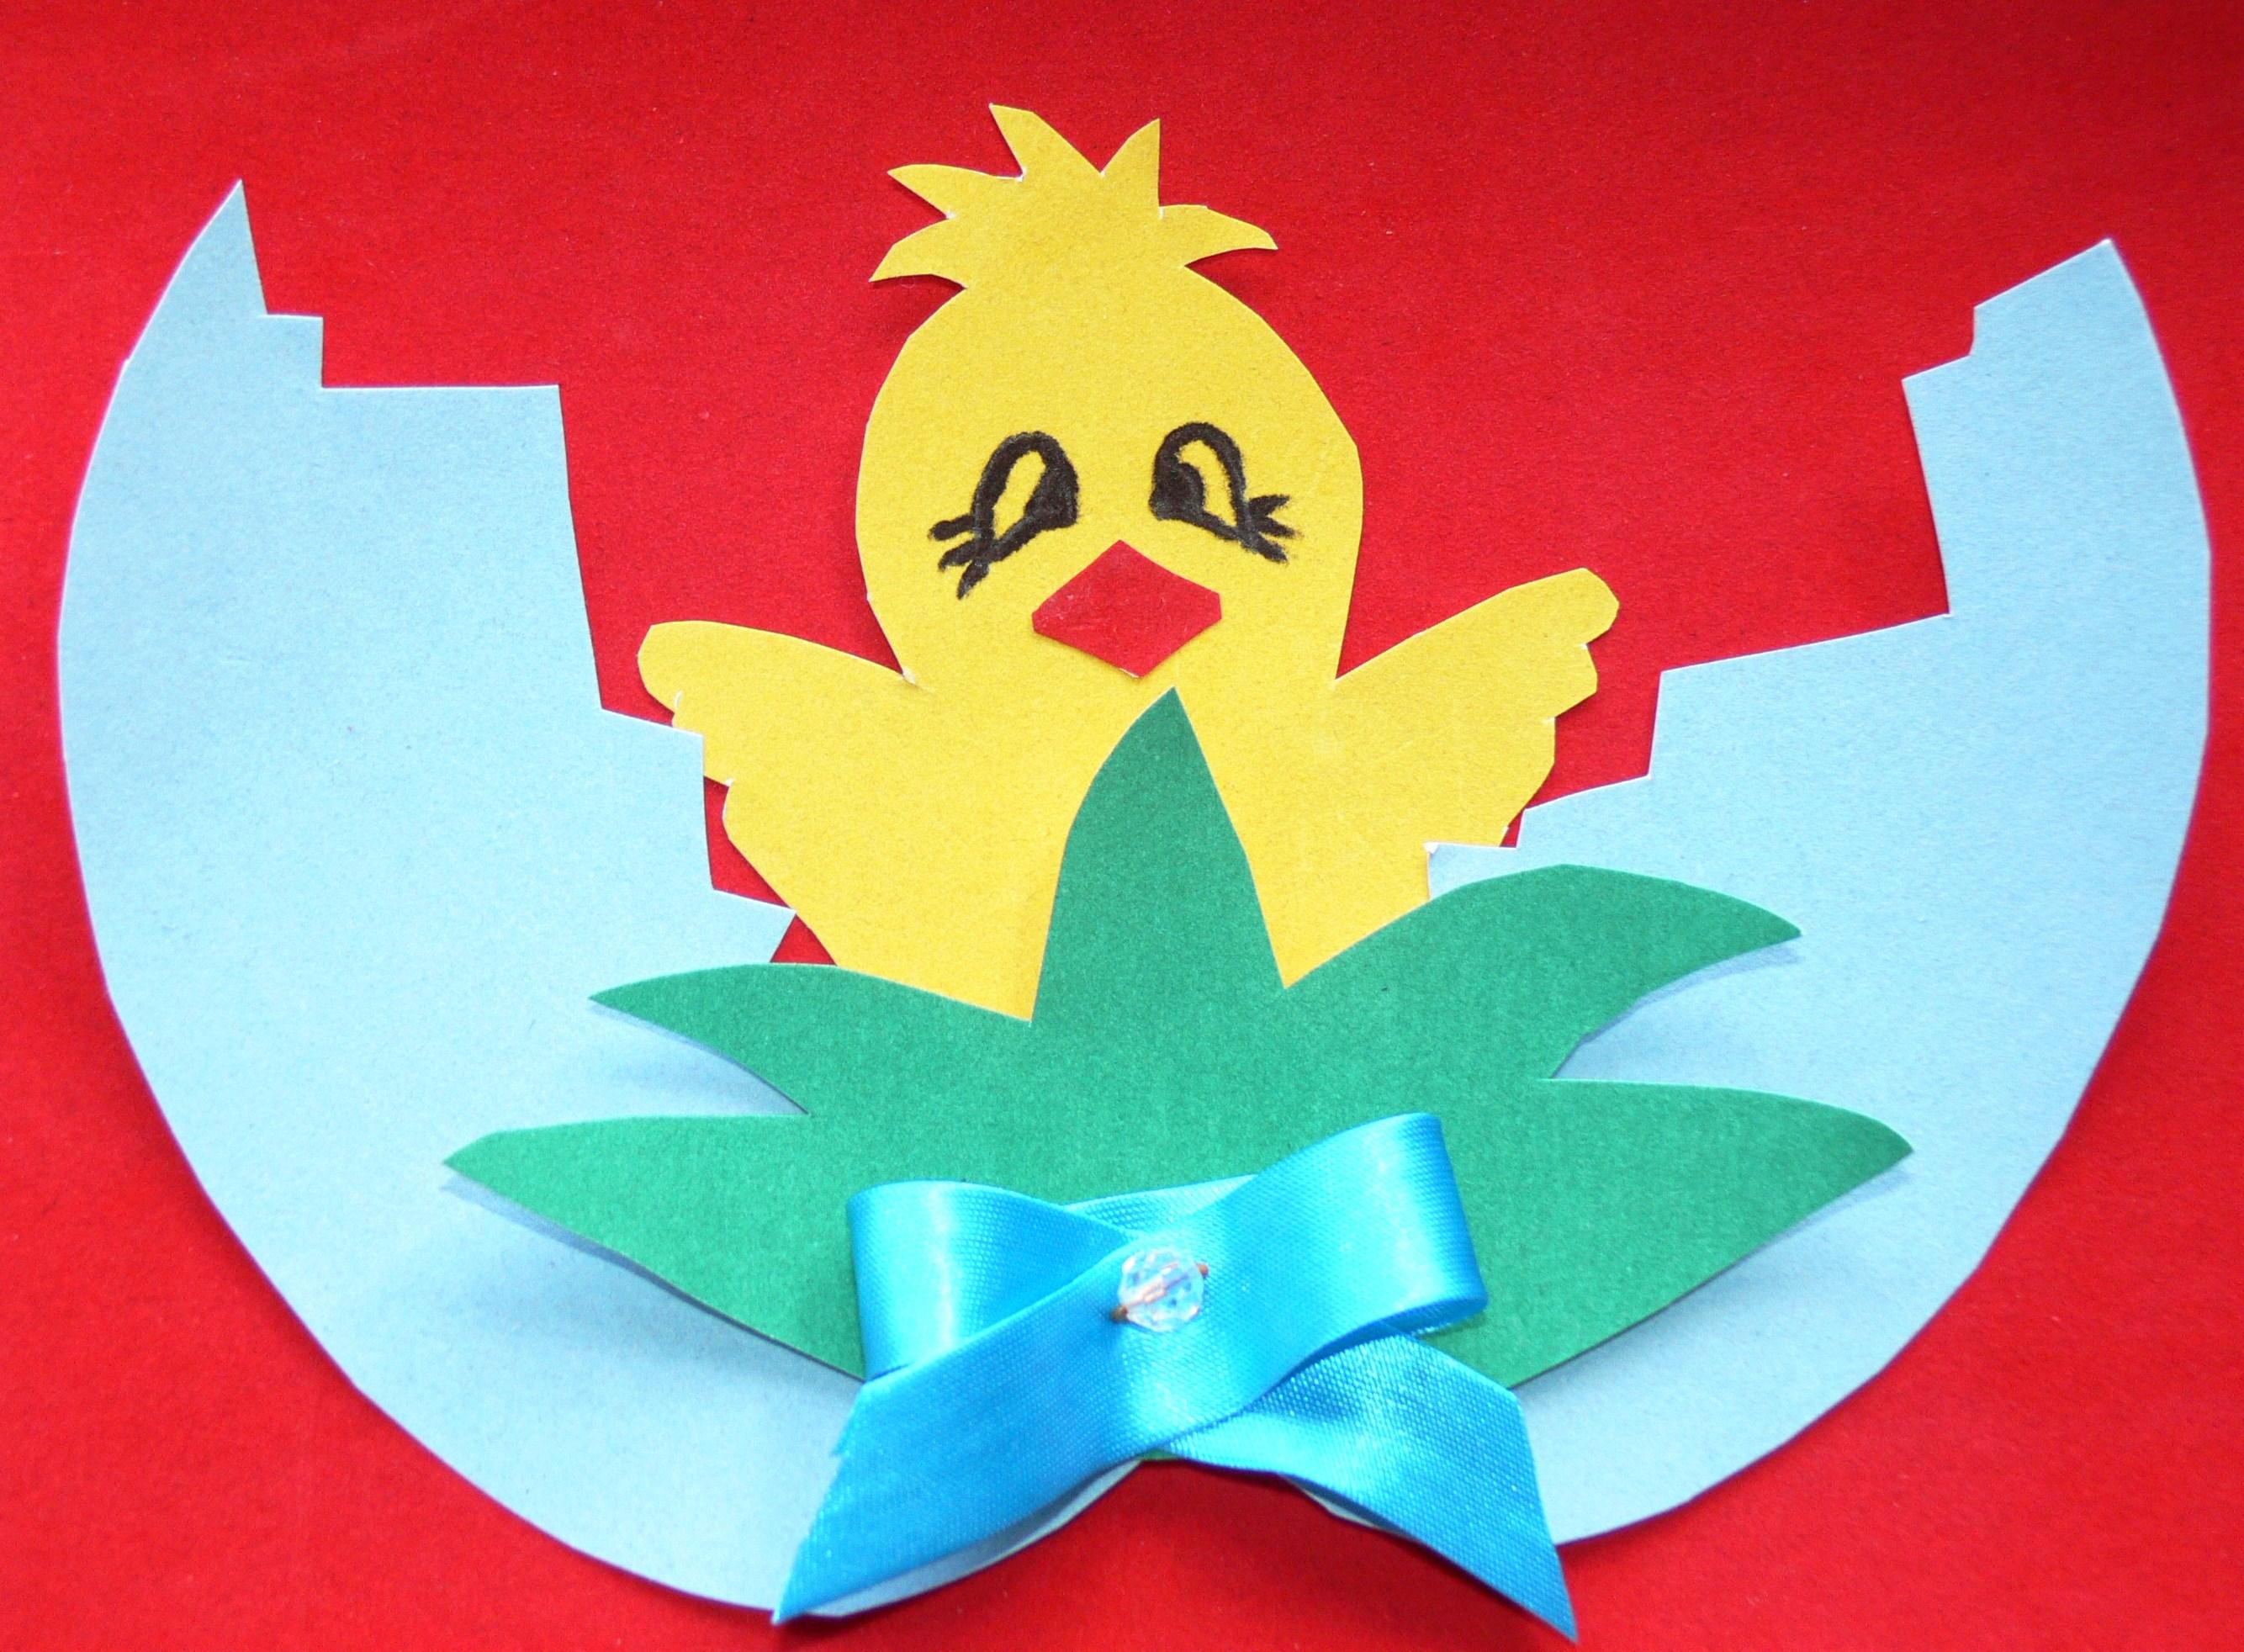 Поделка из бумаги своими руками для детей видео